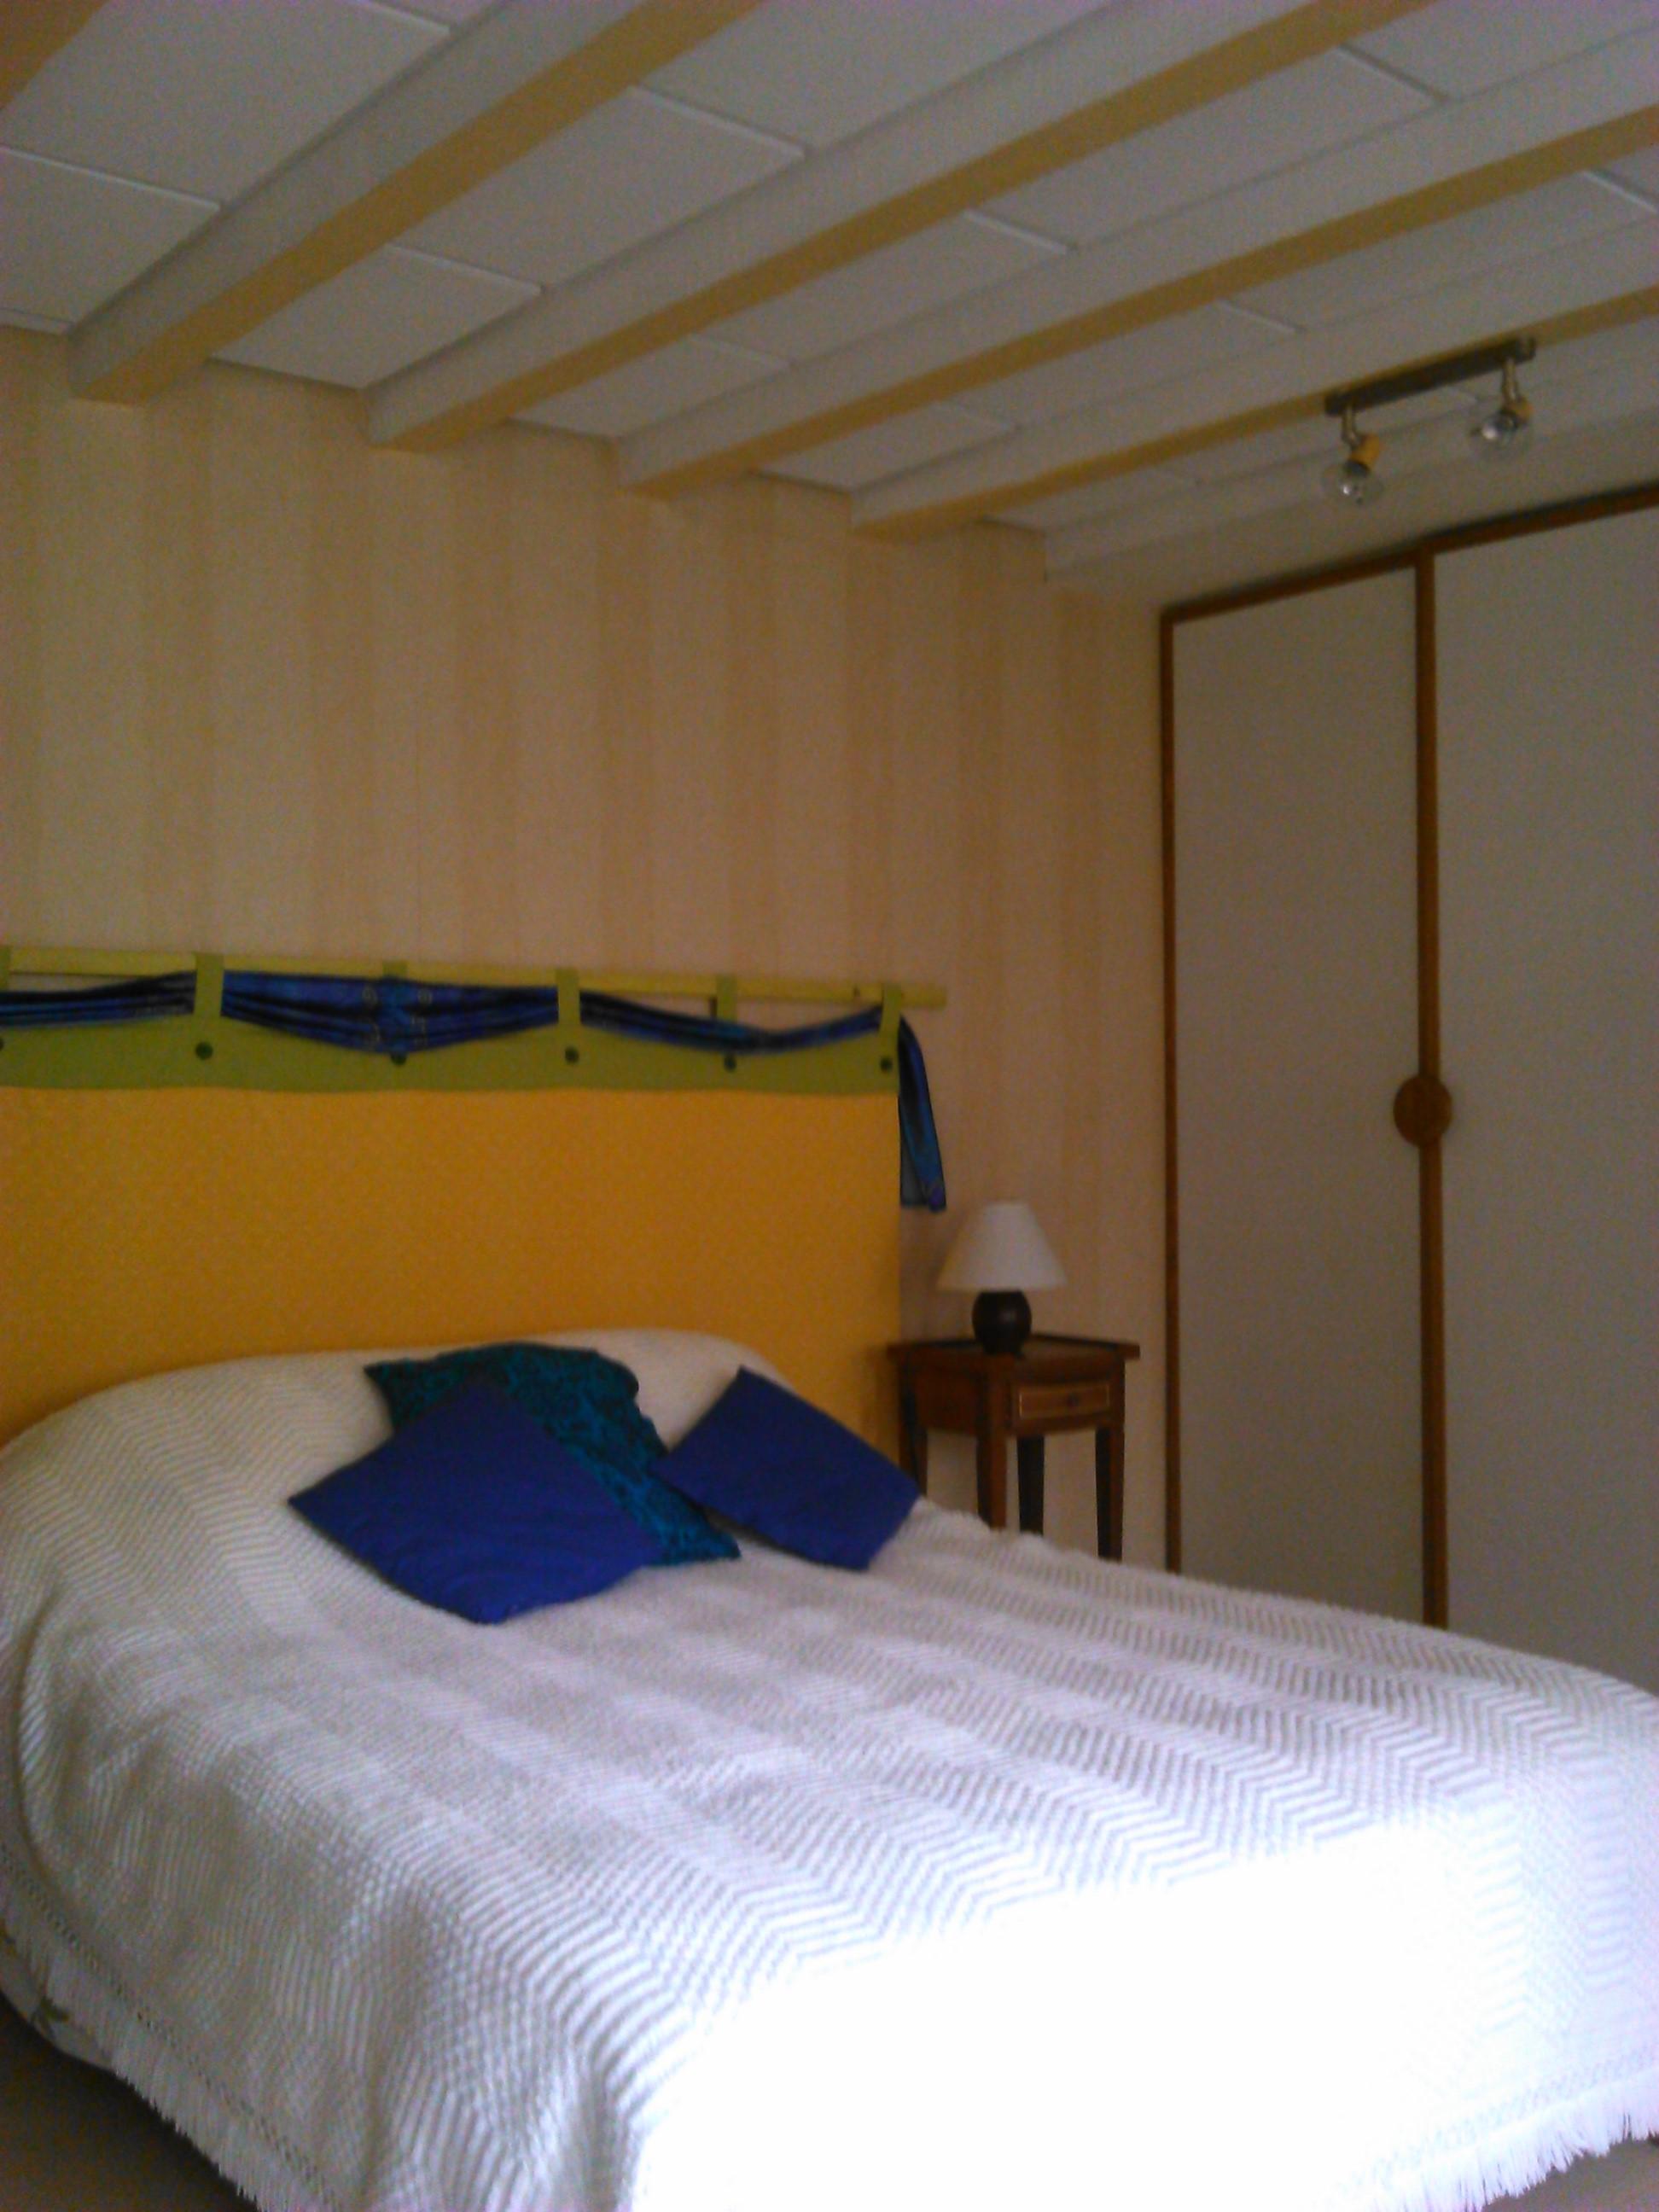 maison du tourisme en pays terres de lorraine le pr de nancy chambre d 39 hotes d 39 allamps. Black Bedroom Furniture Sets. Home Design Ideas